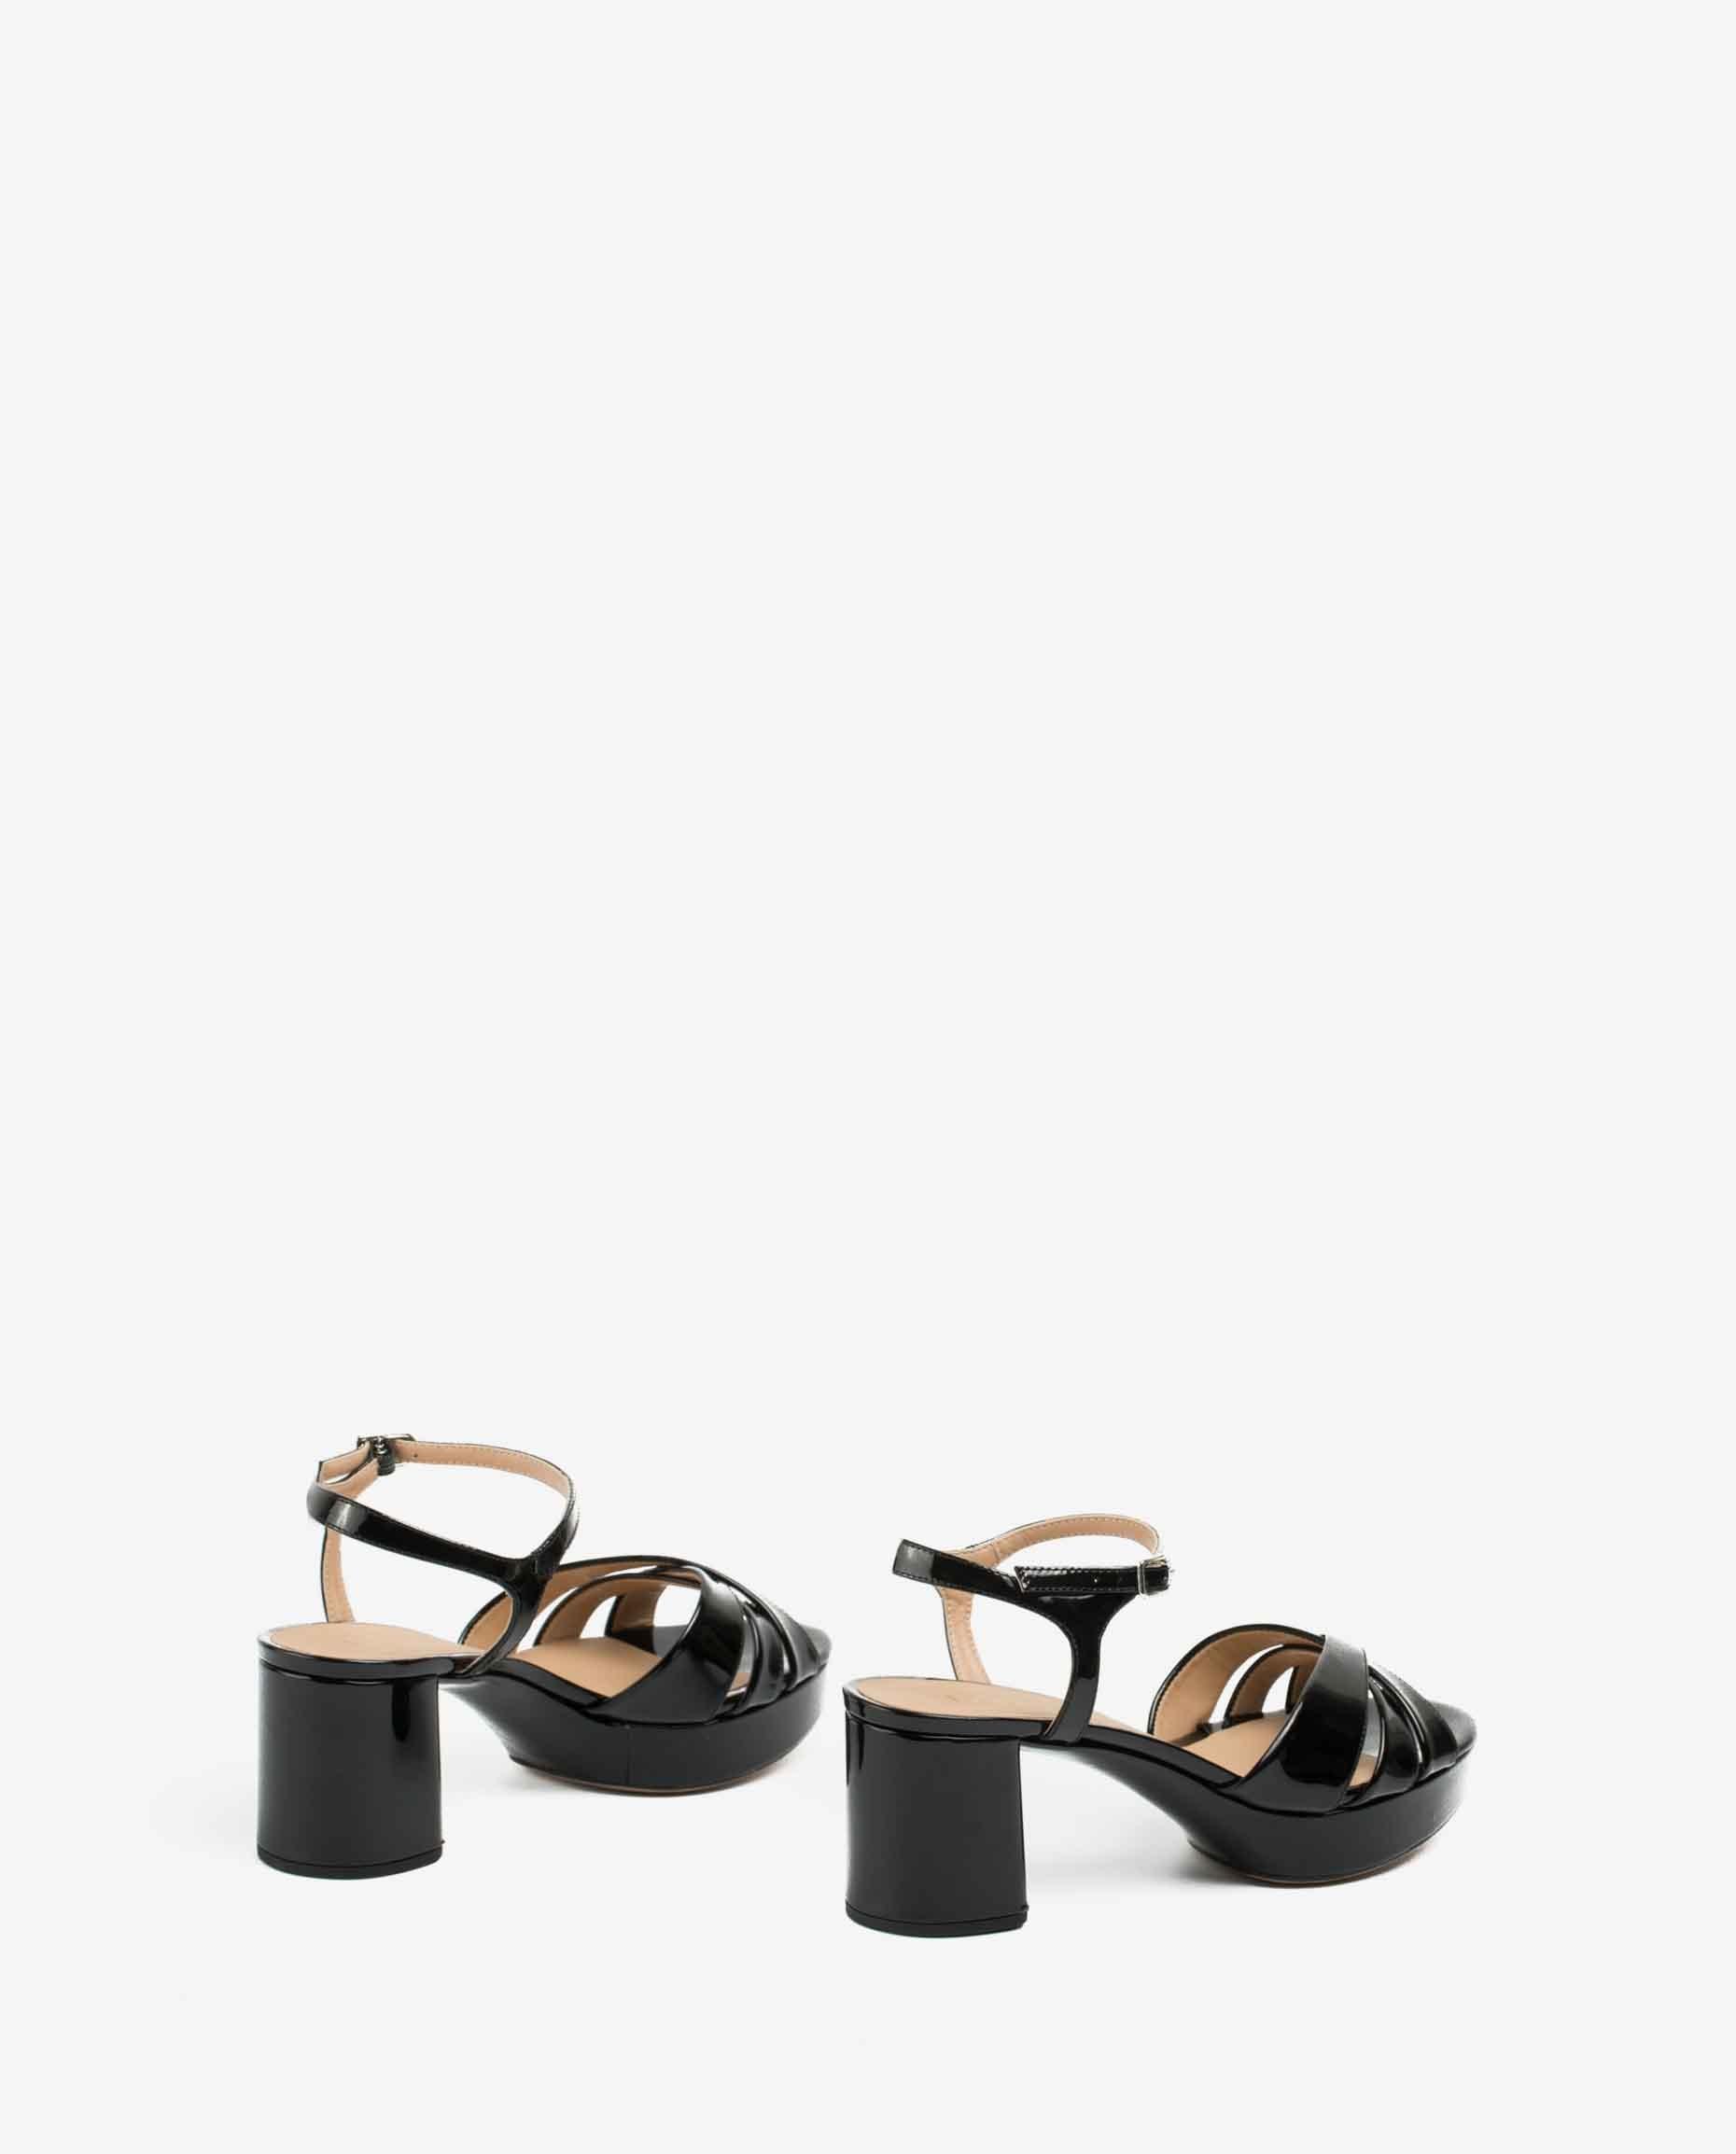 UNISA Schwarze Sandaletten mit überkreuzten Riemen und Plateausohle NETA_PA black 5